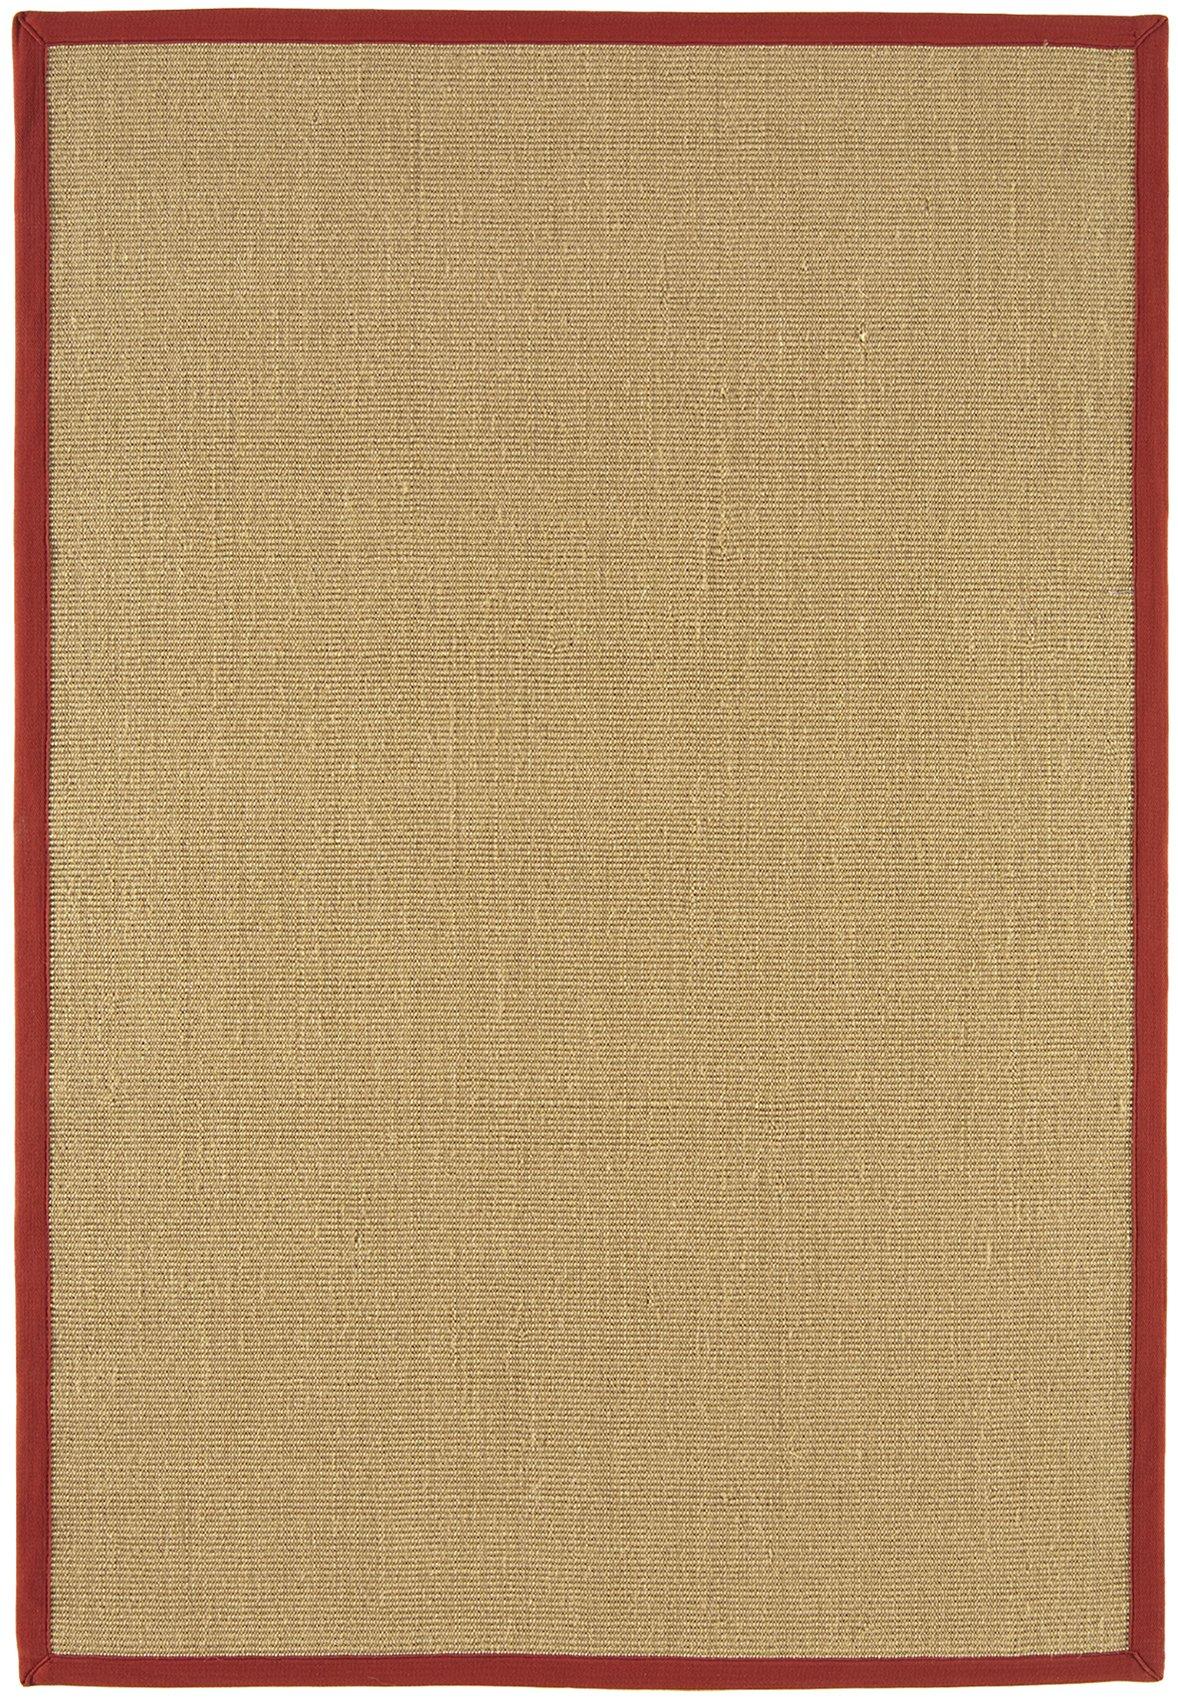 Sisal Rug Red Linen